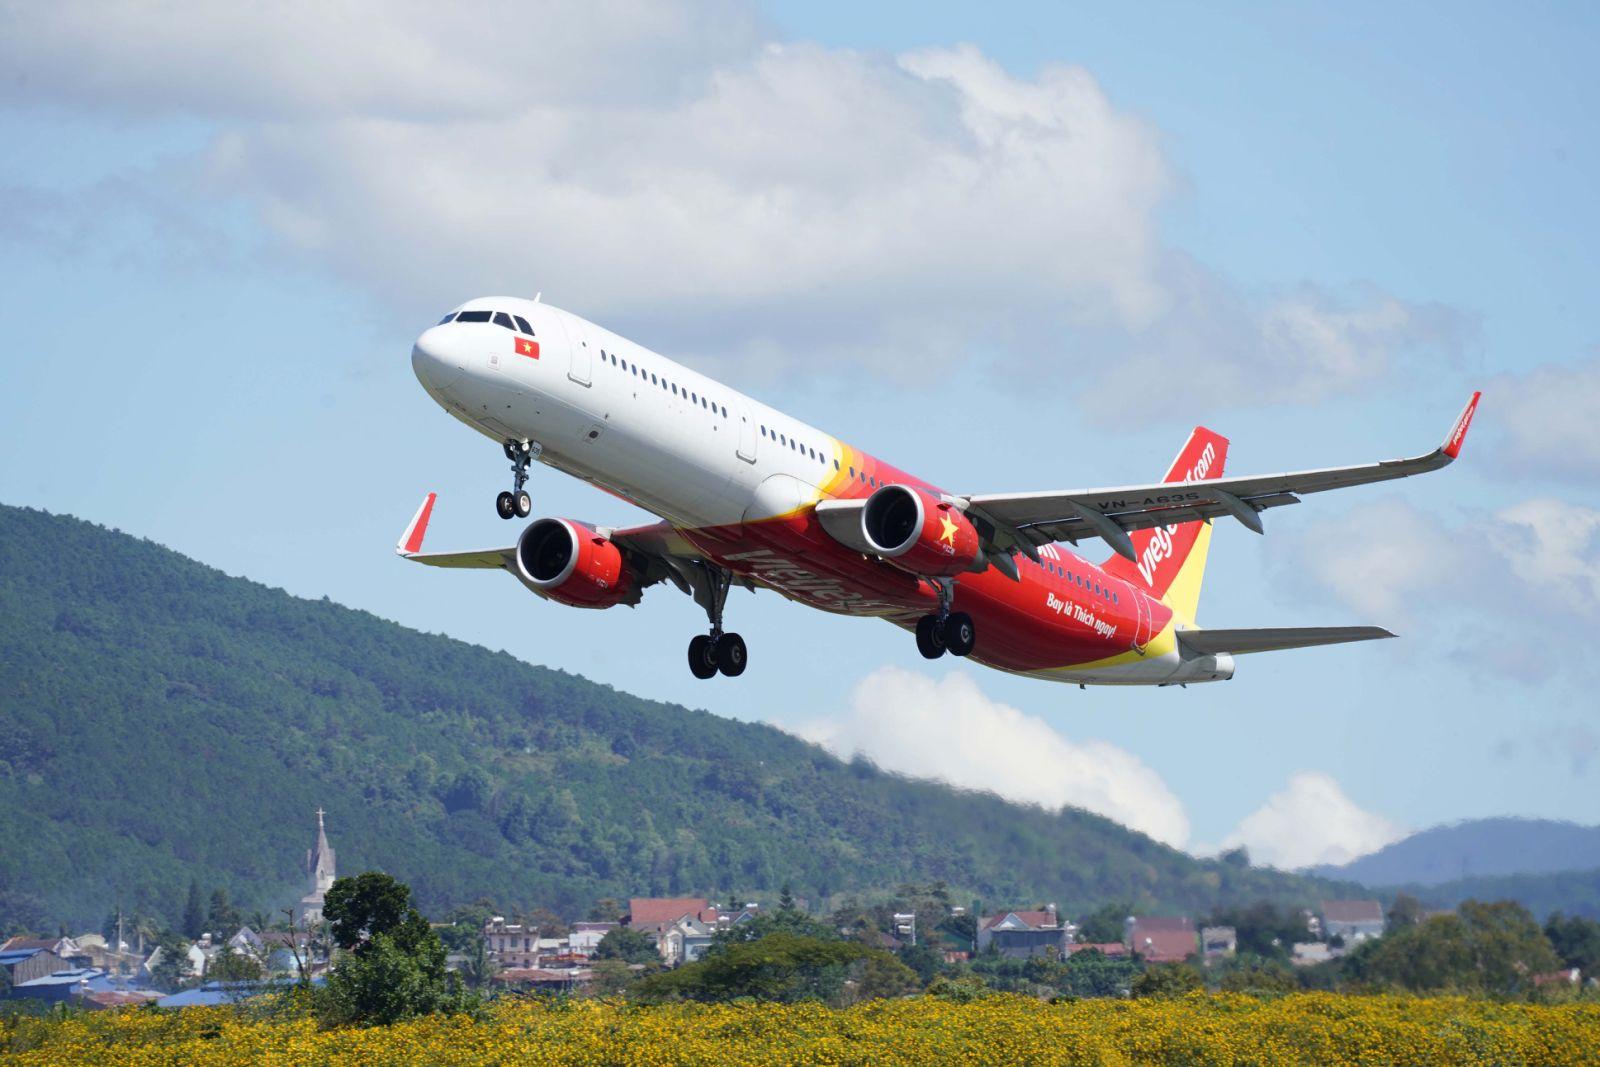 Vé máy bay cao hơn phí quản trị, ai được đổi, hoàn vé - Ảnh 2.